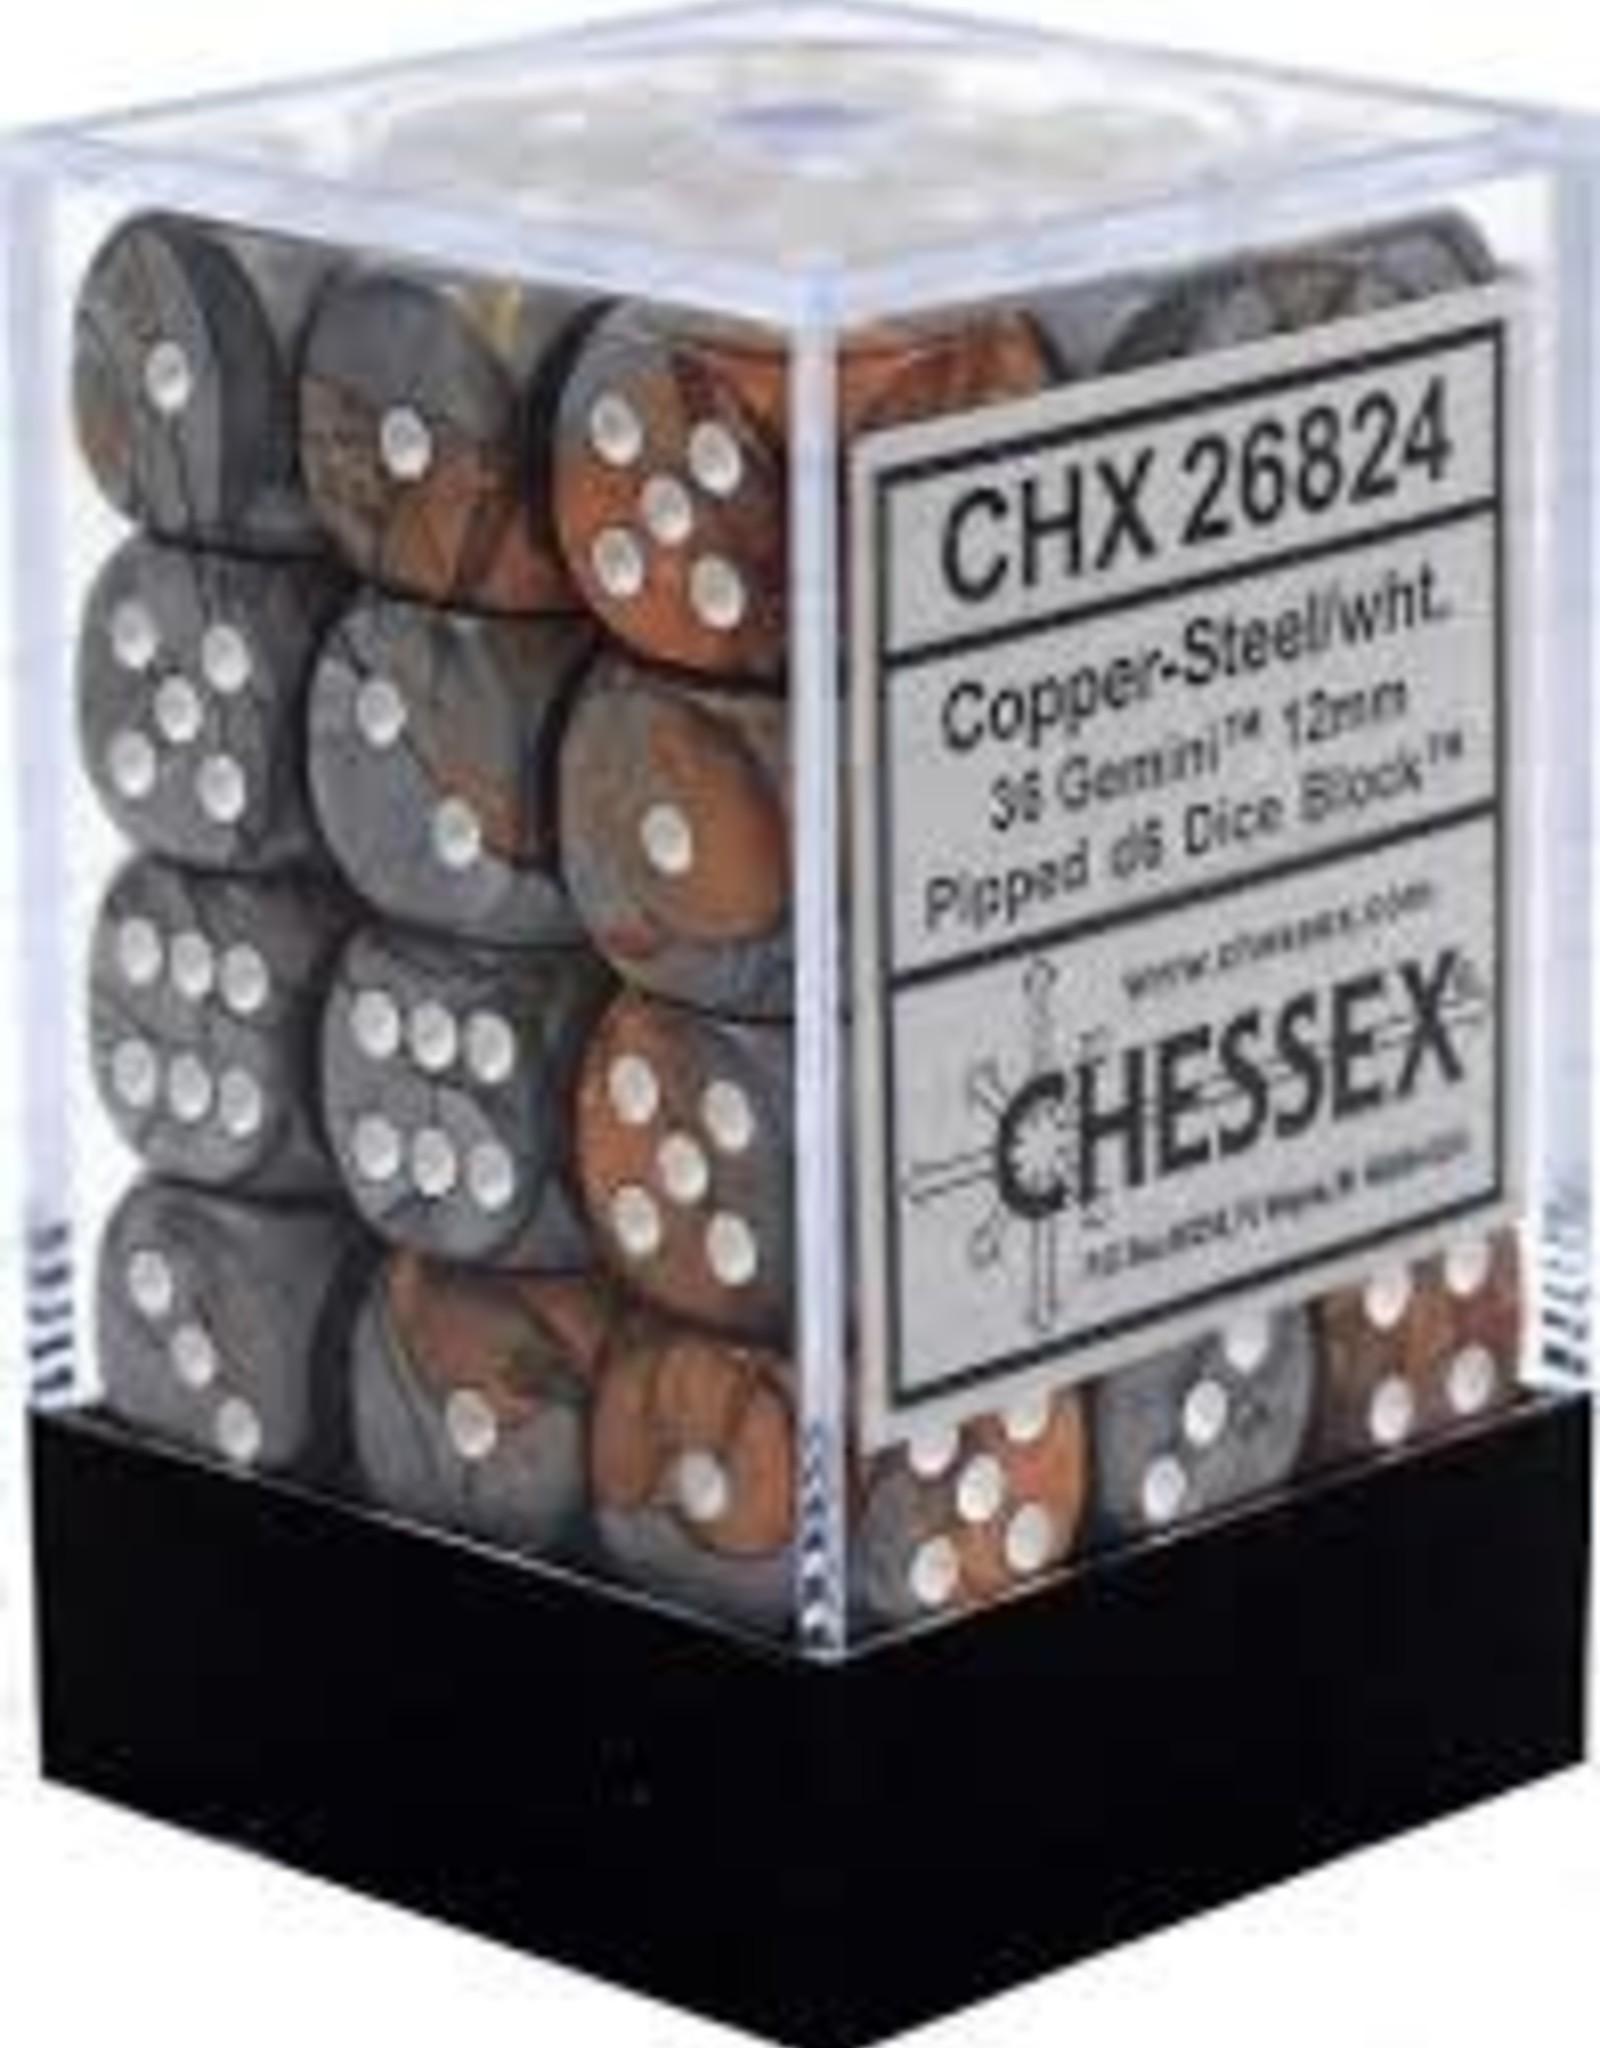 CHX 26824